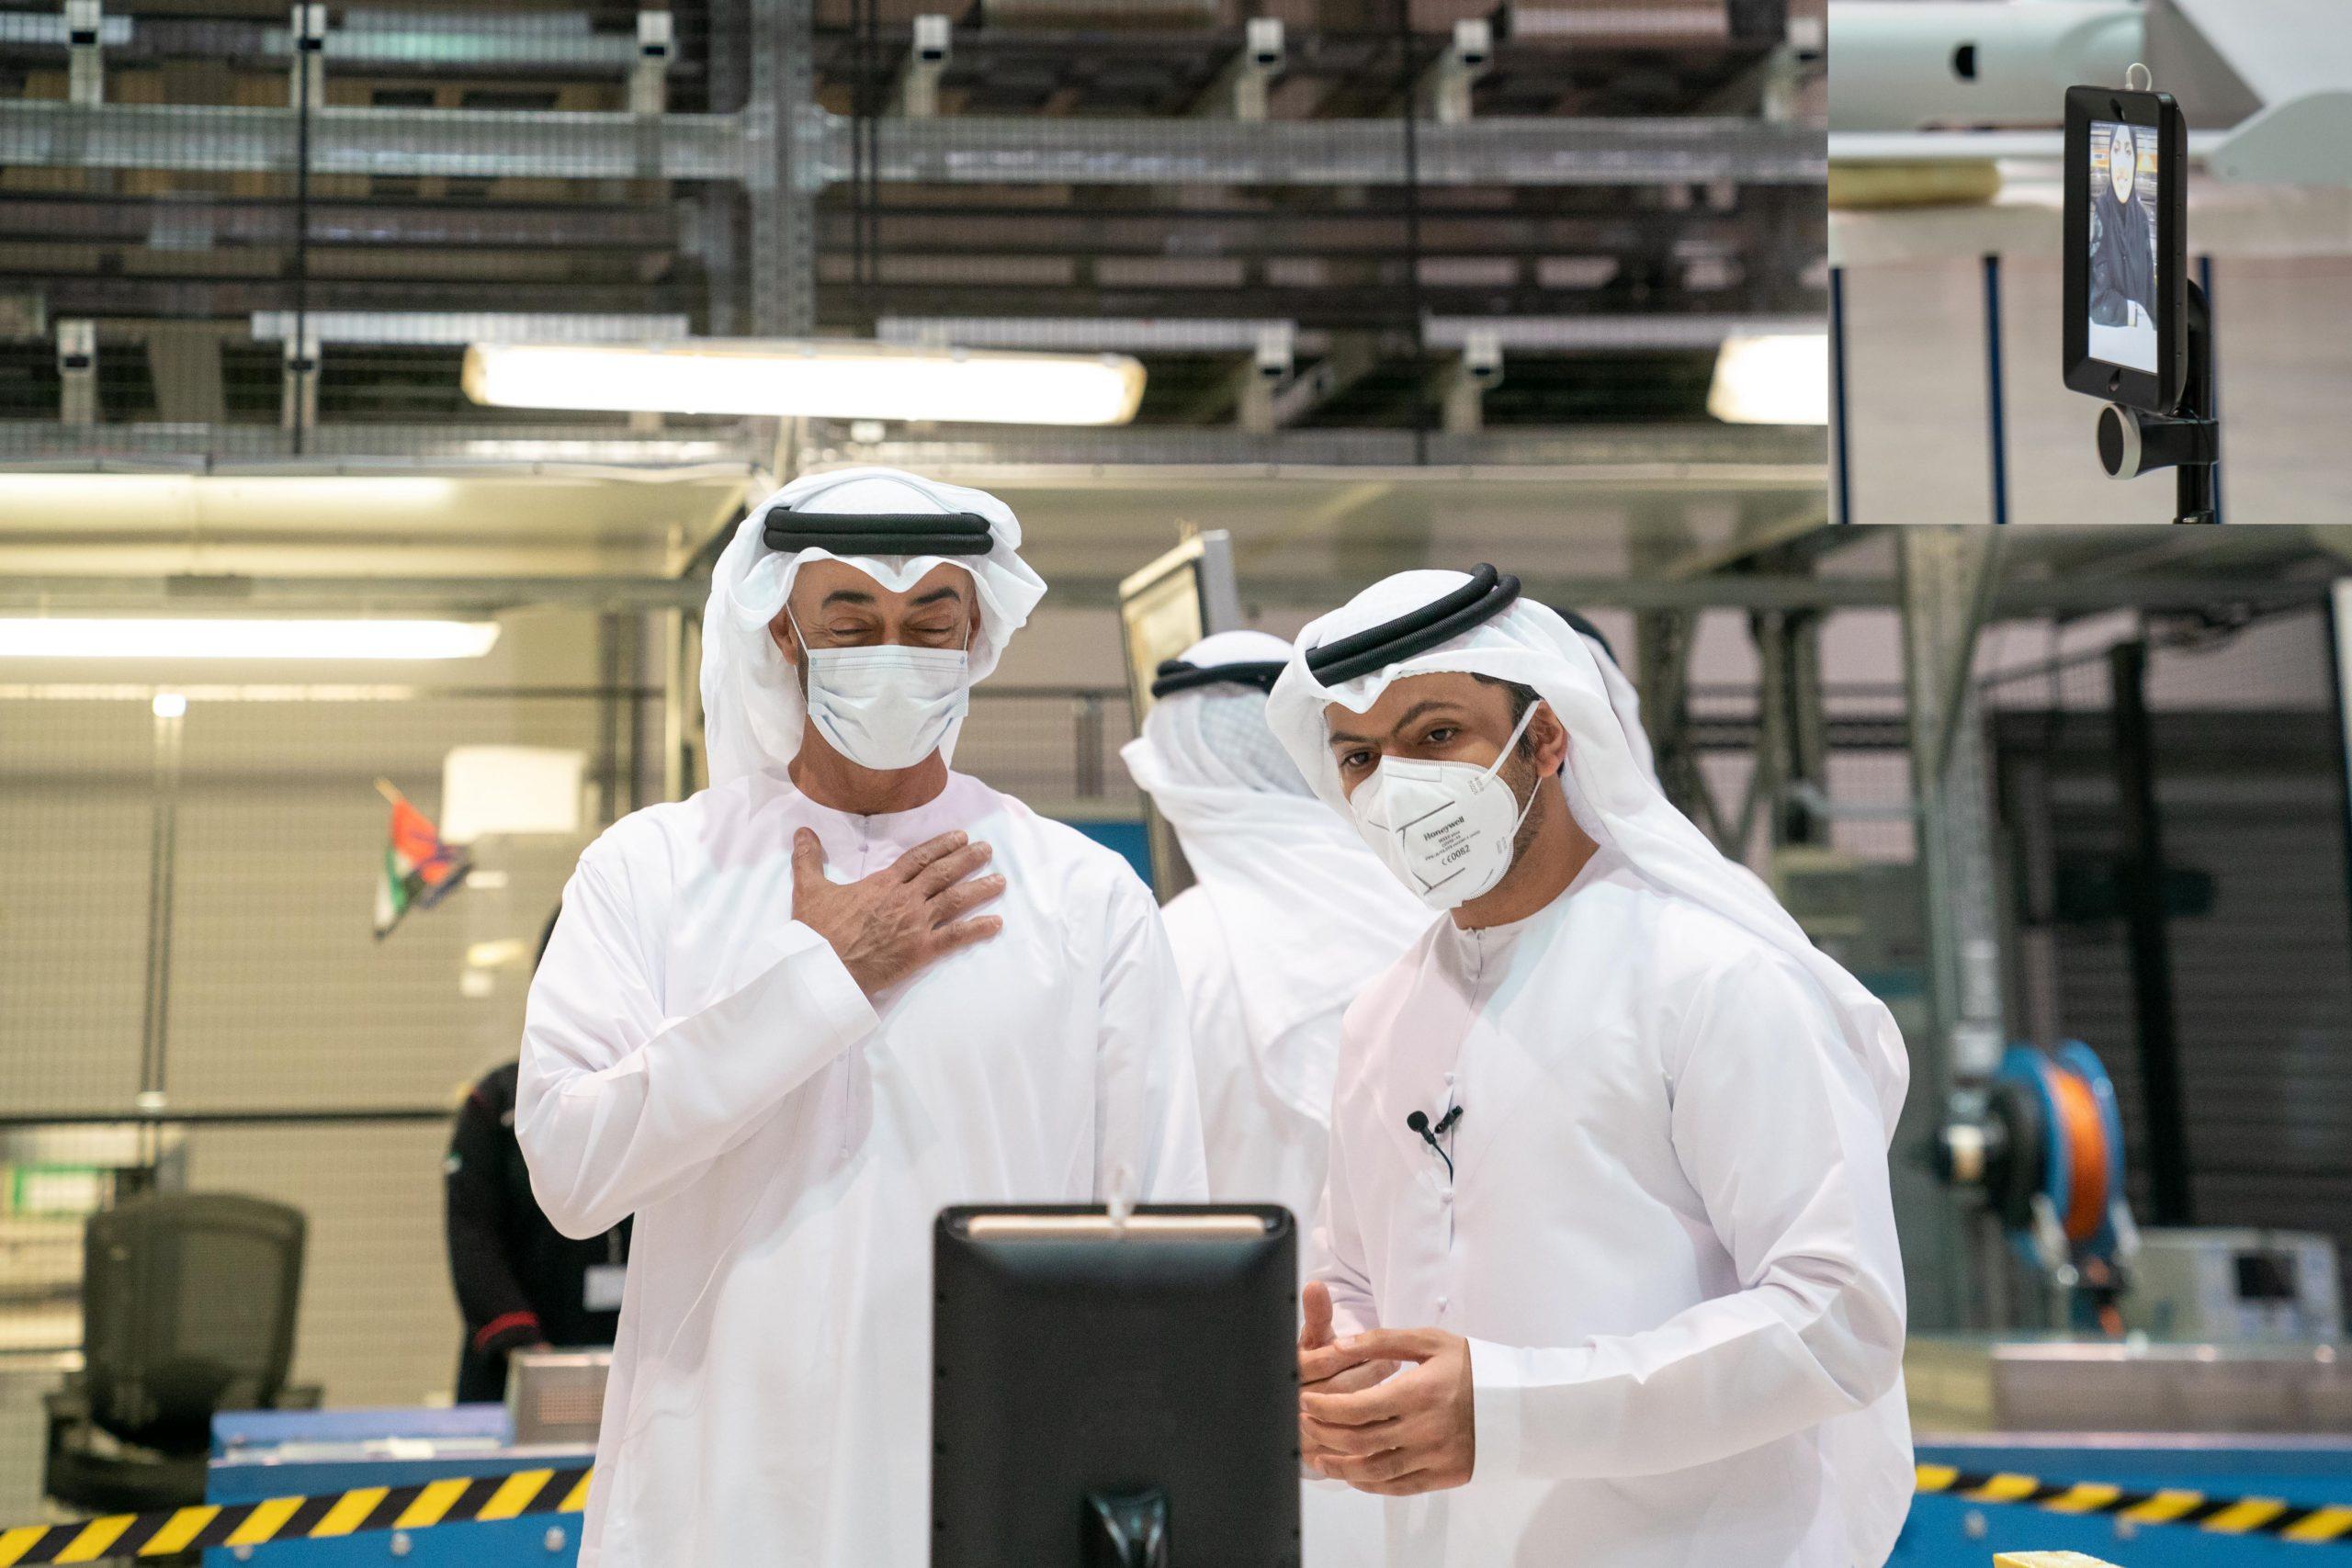 التقيت أبنائي العاملين في شركة ستراتا، المشروع الرائد في صناعة الطيران وأحد إنجازاتنا الصناعية الوطنية الذي  اكتسب الثقة العالمية وأثبت قدرته التنافسية في الصناعات المتقدمة.. خطط الاستثمار في المجال الصناعي في صلب رؤية الإمارات المستقبلية.